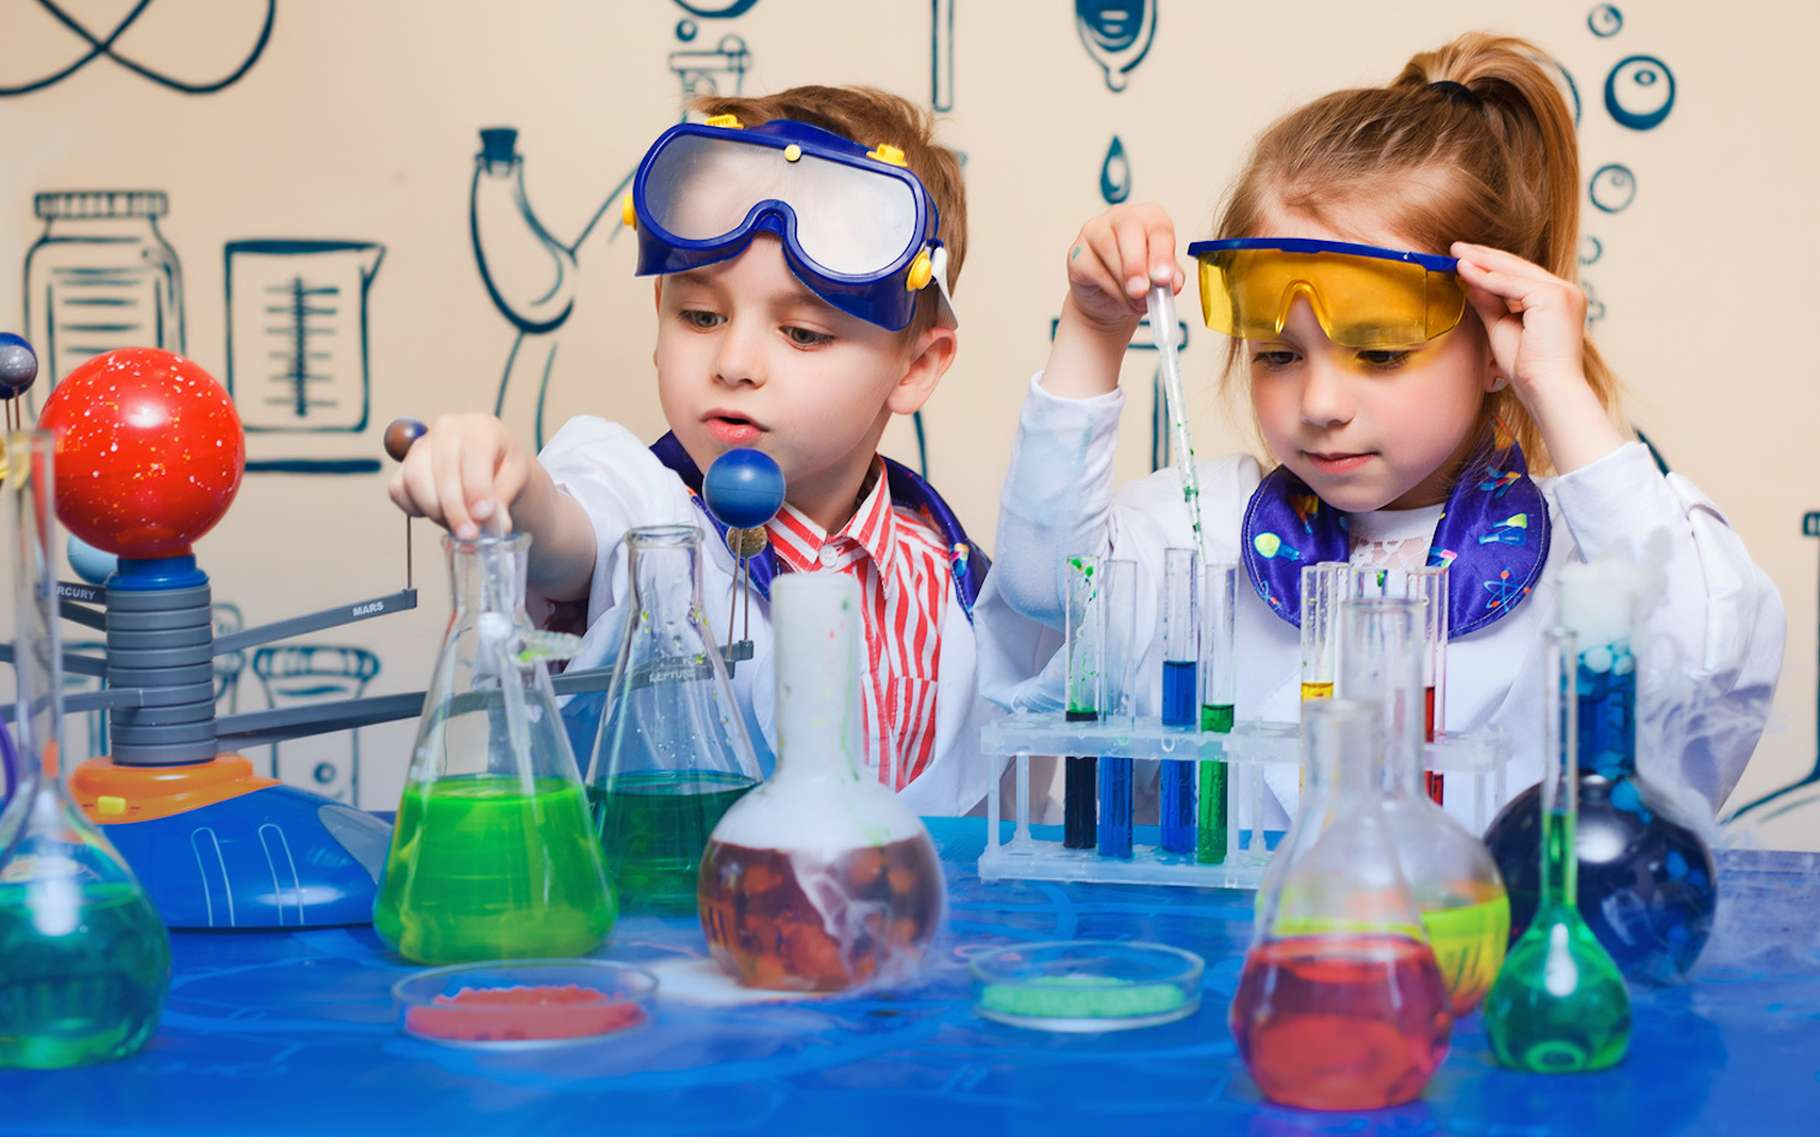 Lorsqu'on leur donne l'occasion de manipuler le monde qui les entoure, nos enfants deviennent soudain plus réceptifs aux apprentissages. © aemstock, Fotolia